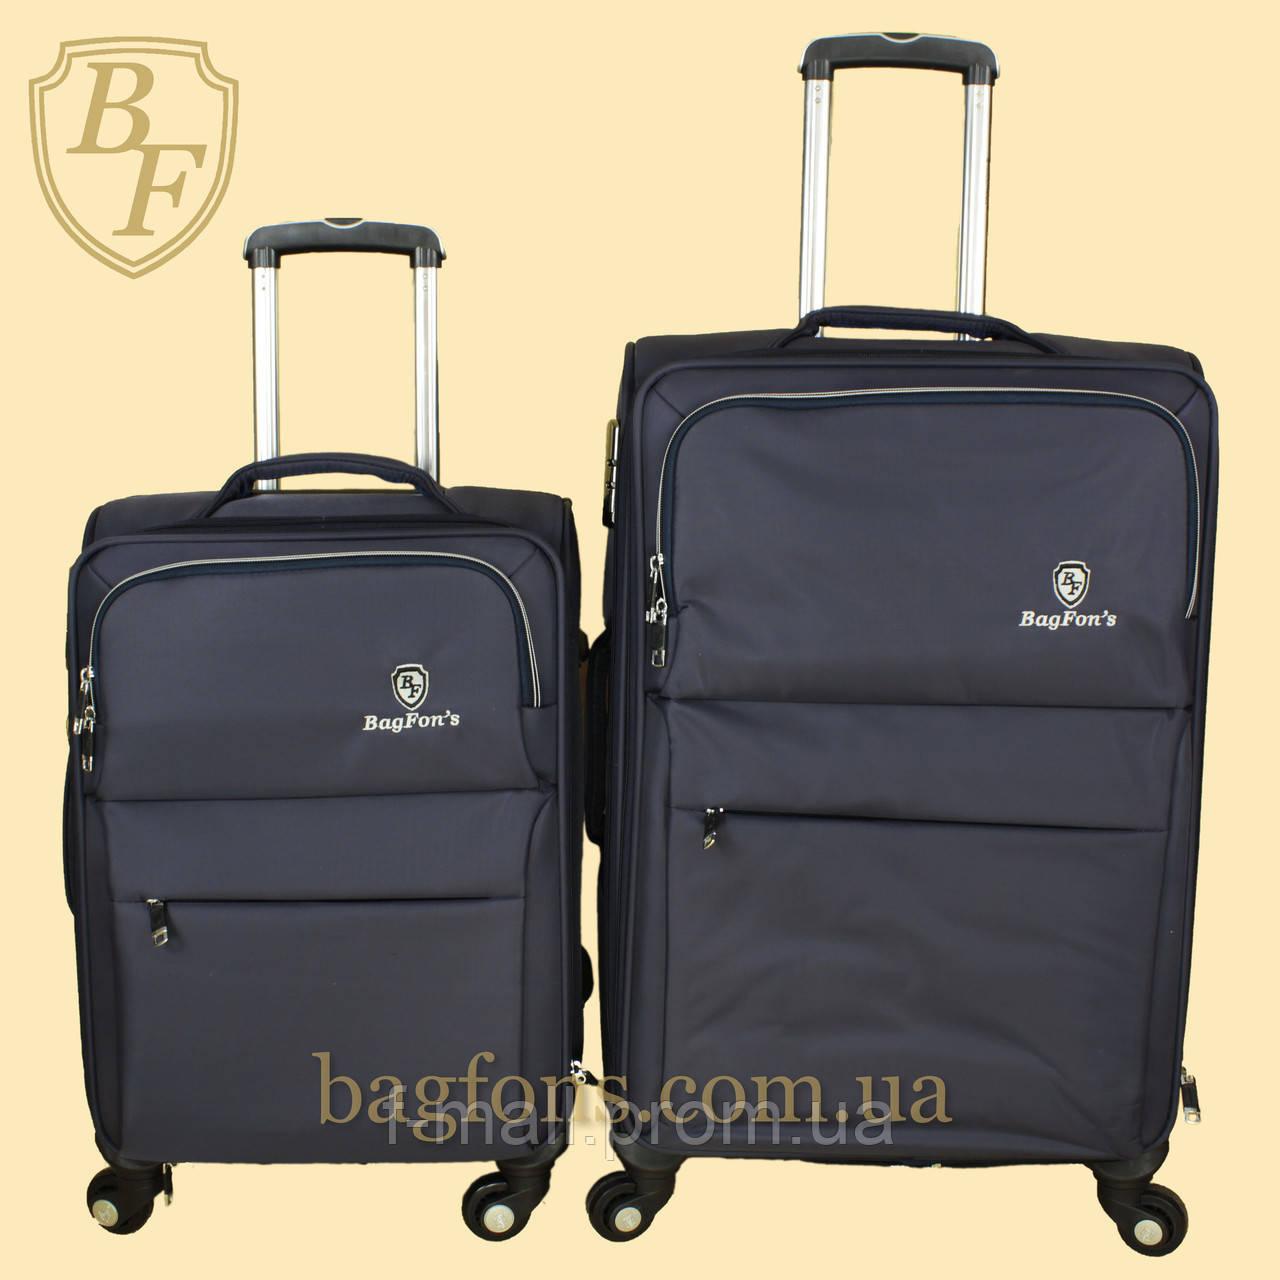 9fd422719c46 Комплект из двух чемодан Bagfon's 22 - синий - ( ВИДЕООБЗОР ) - BagFon's в  Харькове